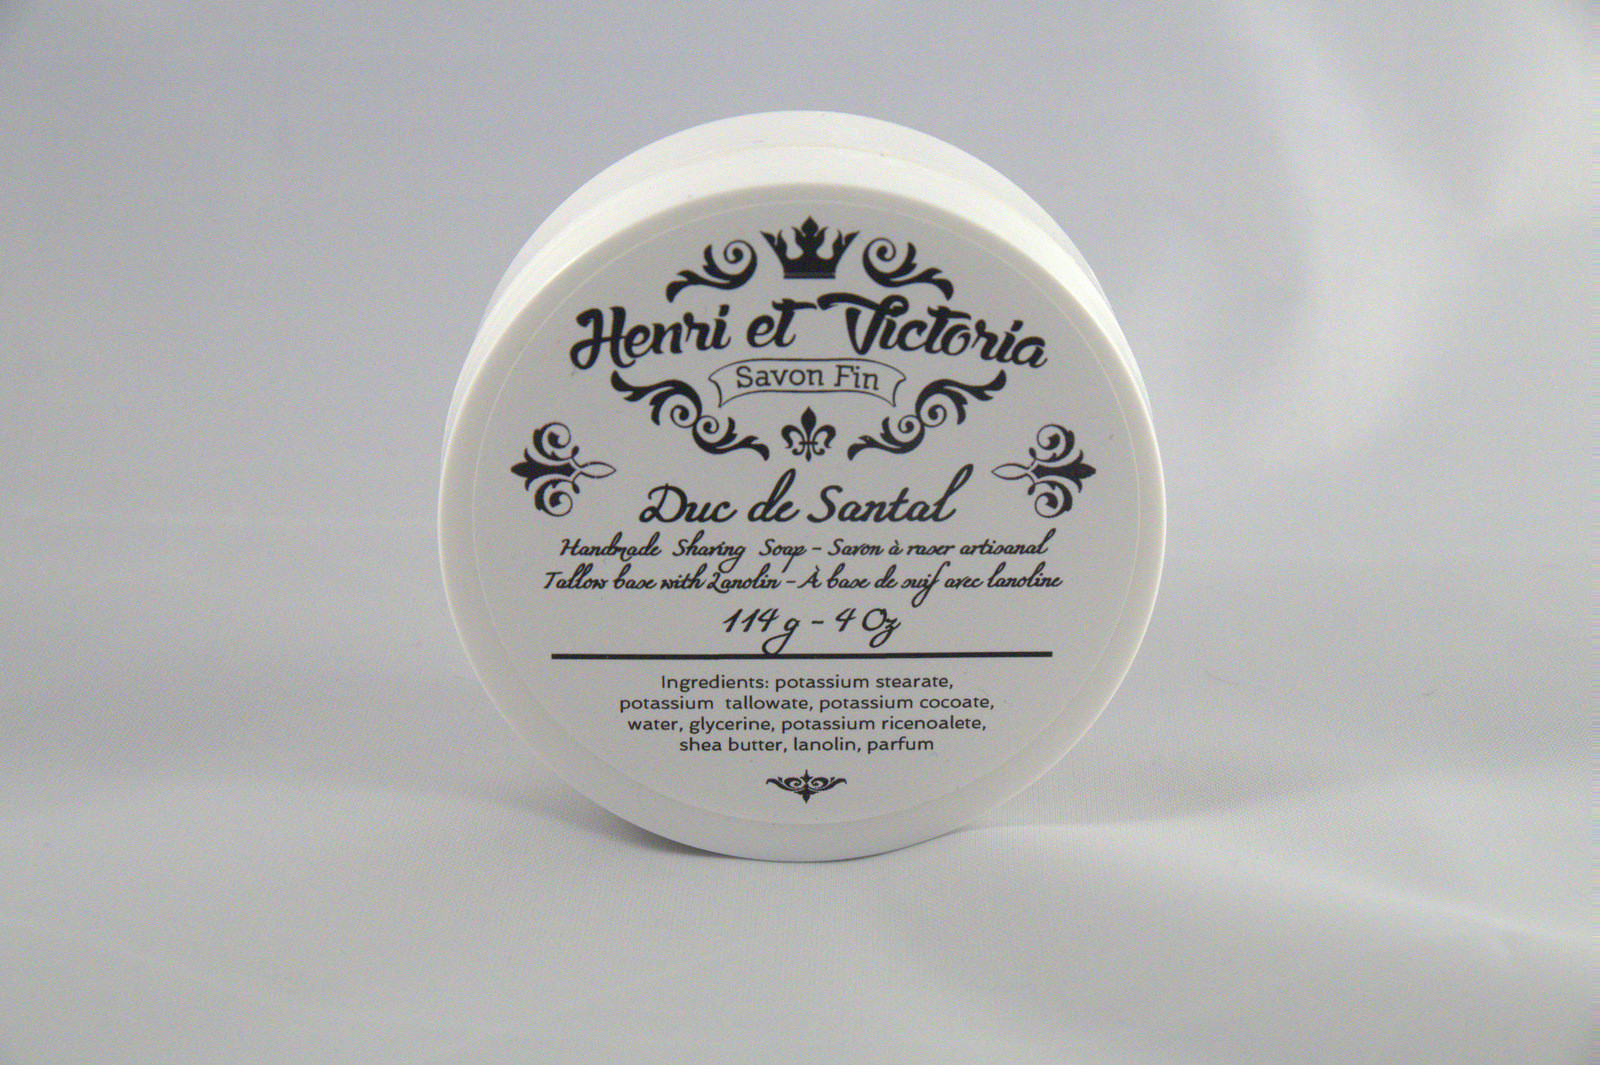 Henri et Victoria - Duc de Santal - Soap image